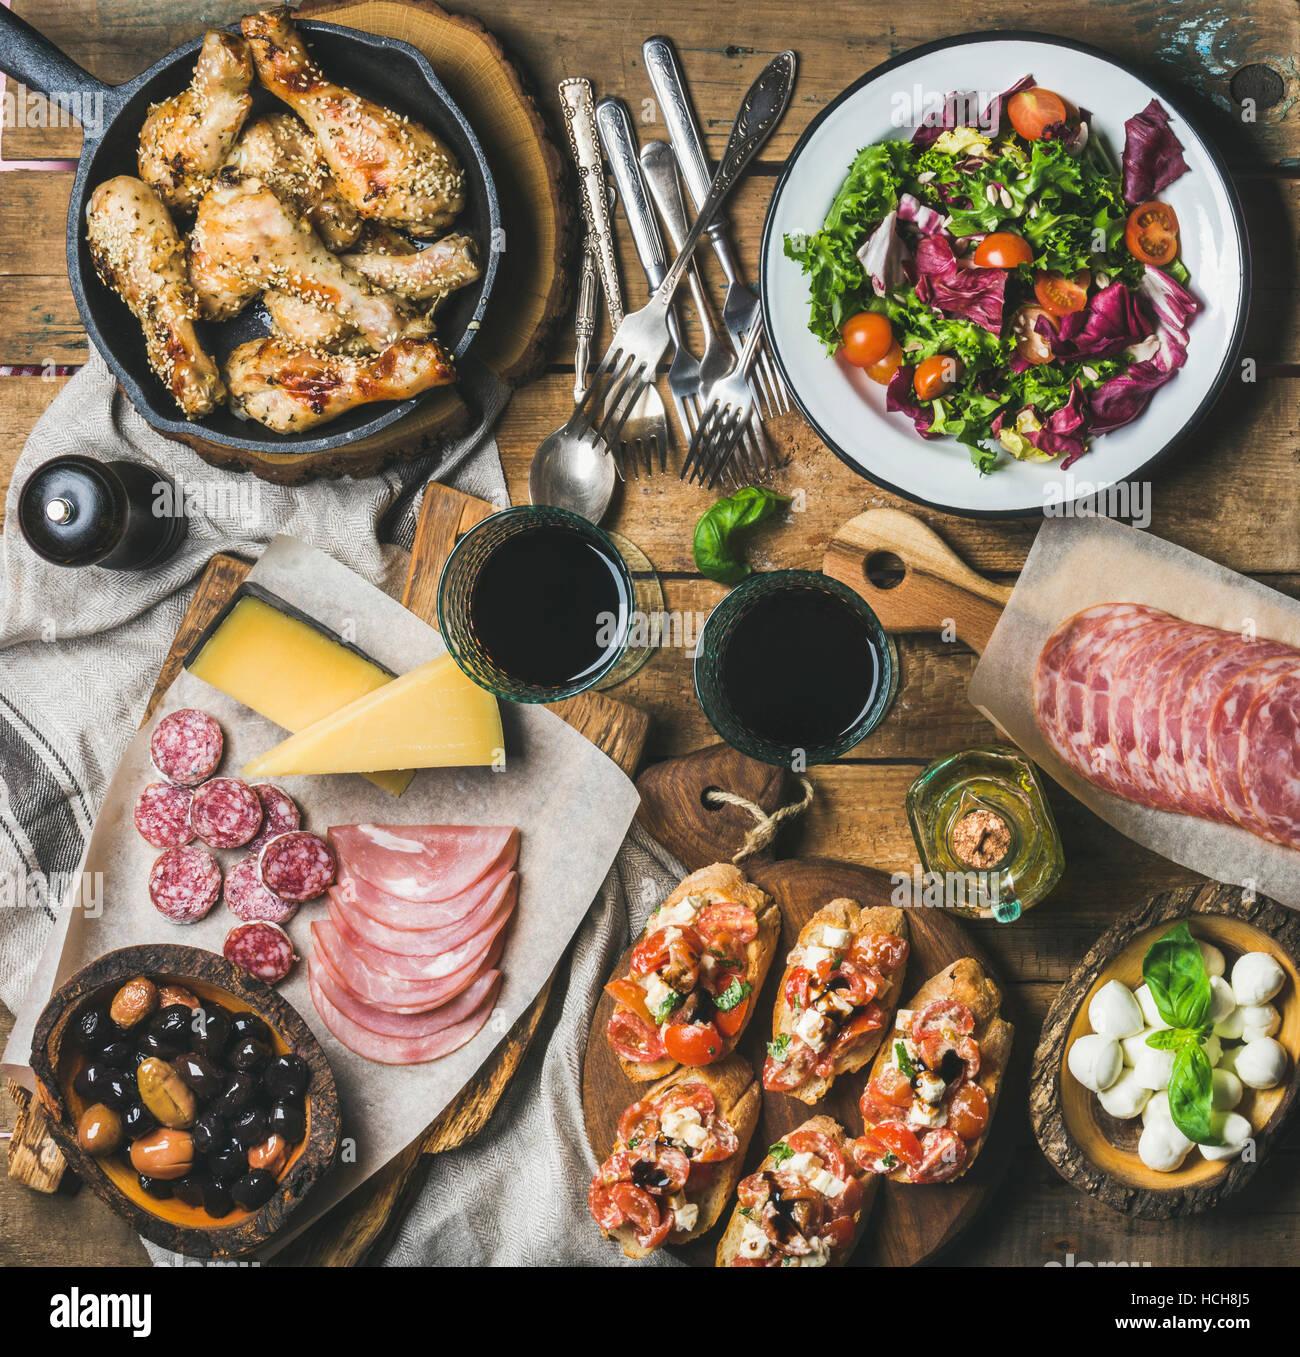 Dîner d'accueil, partie de table. Set de table rustique avec salade, olives, poulet, tomate, fromage feta Photo Stock